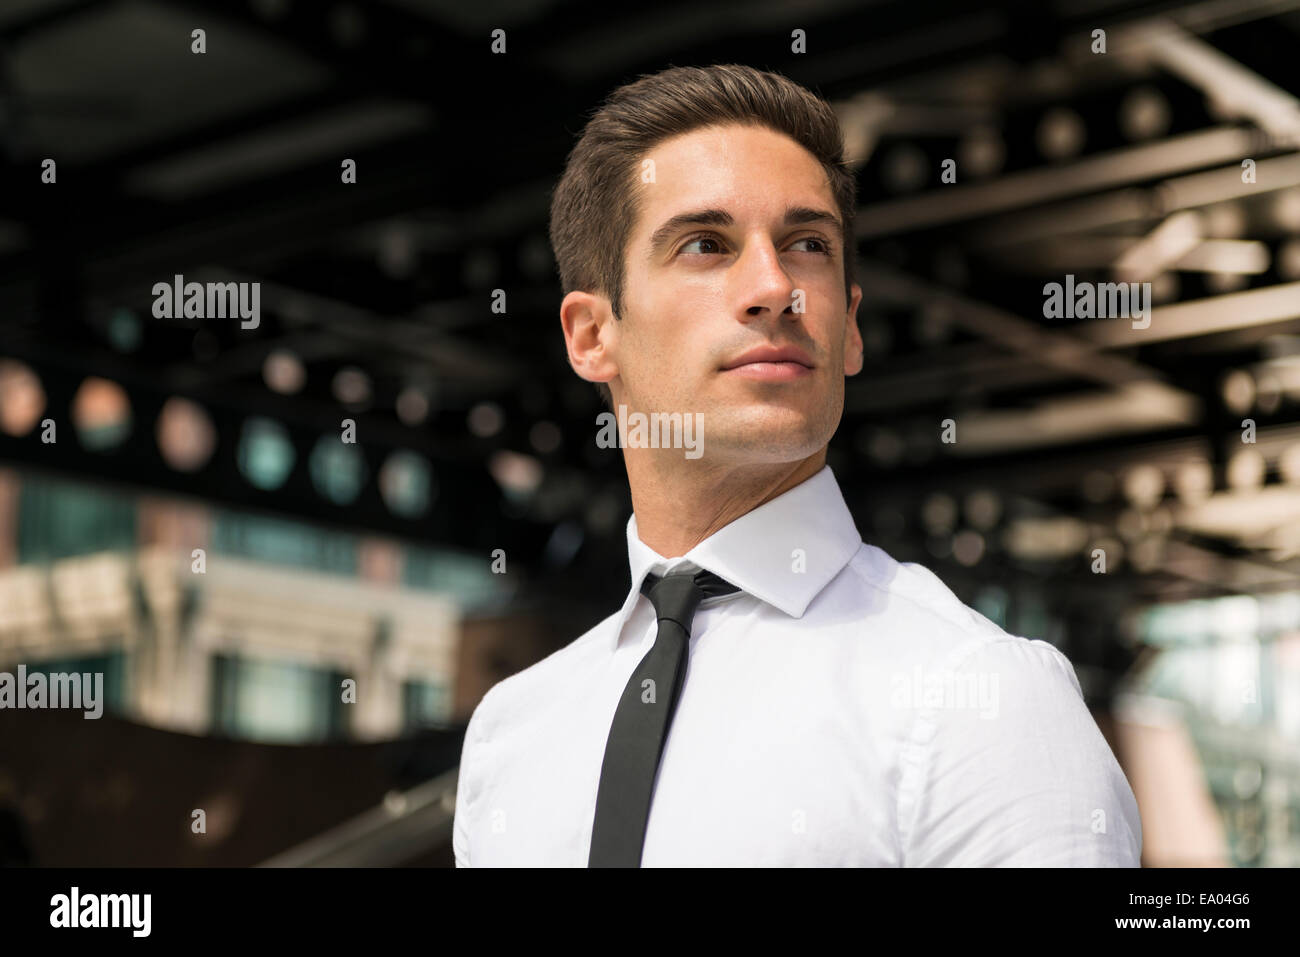 Giovane imprenditore fiducioso all'esterno della stazione di Londra, Regno Unito Immagini Stock